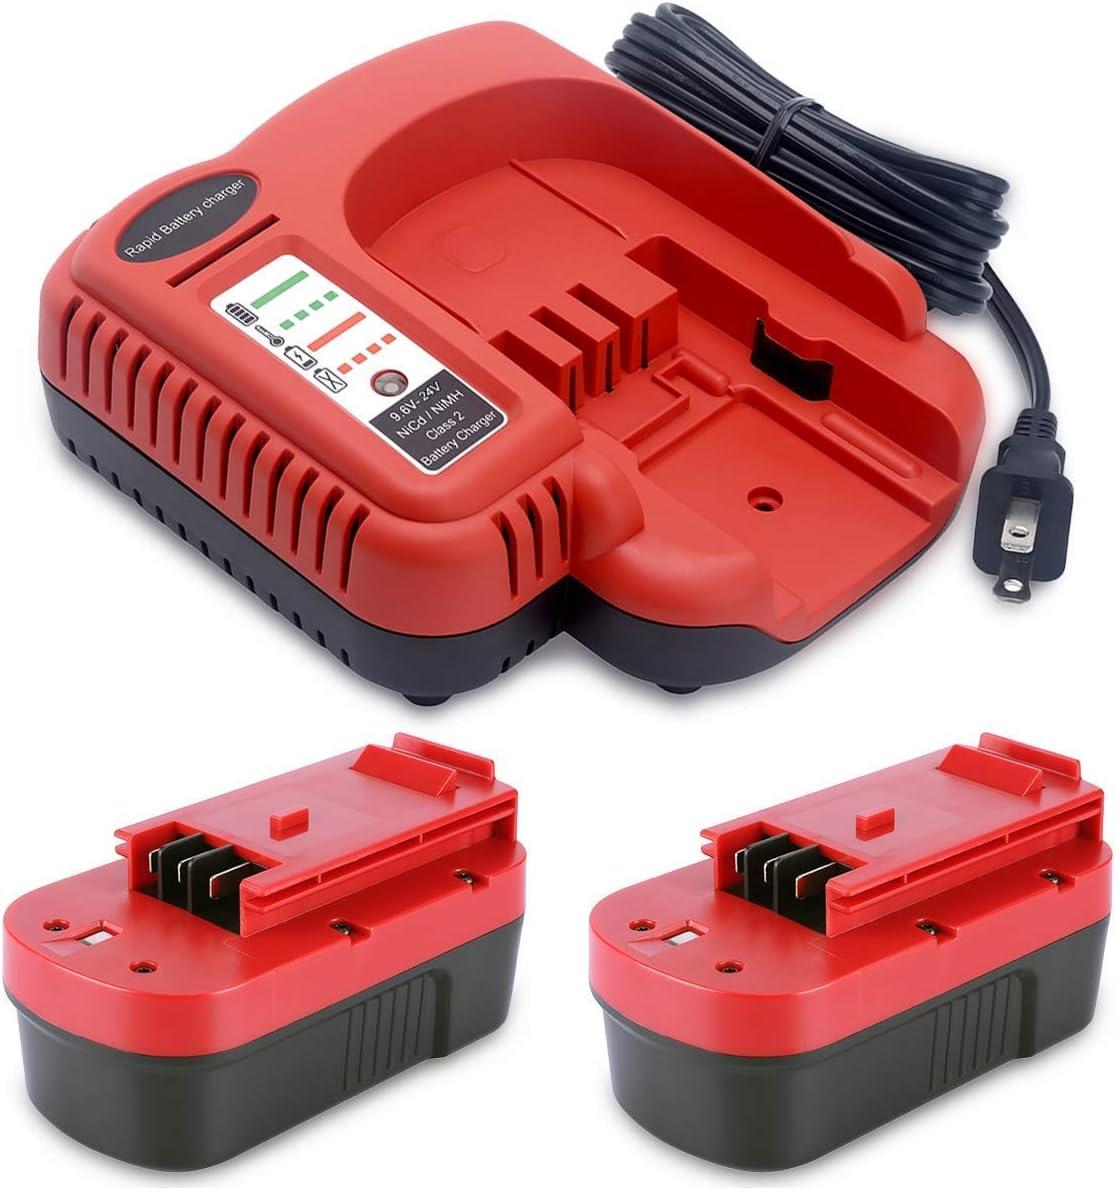 Biswaye 2-Pack 18V Battery HPB18-OPE for Black+Decker 18V Outdoor Cordless Power Tools, and Charger BDFC240 FSMVC BDCCN24 for Black+Decker 9.6V-18V-24V NiCad NiMh Battery